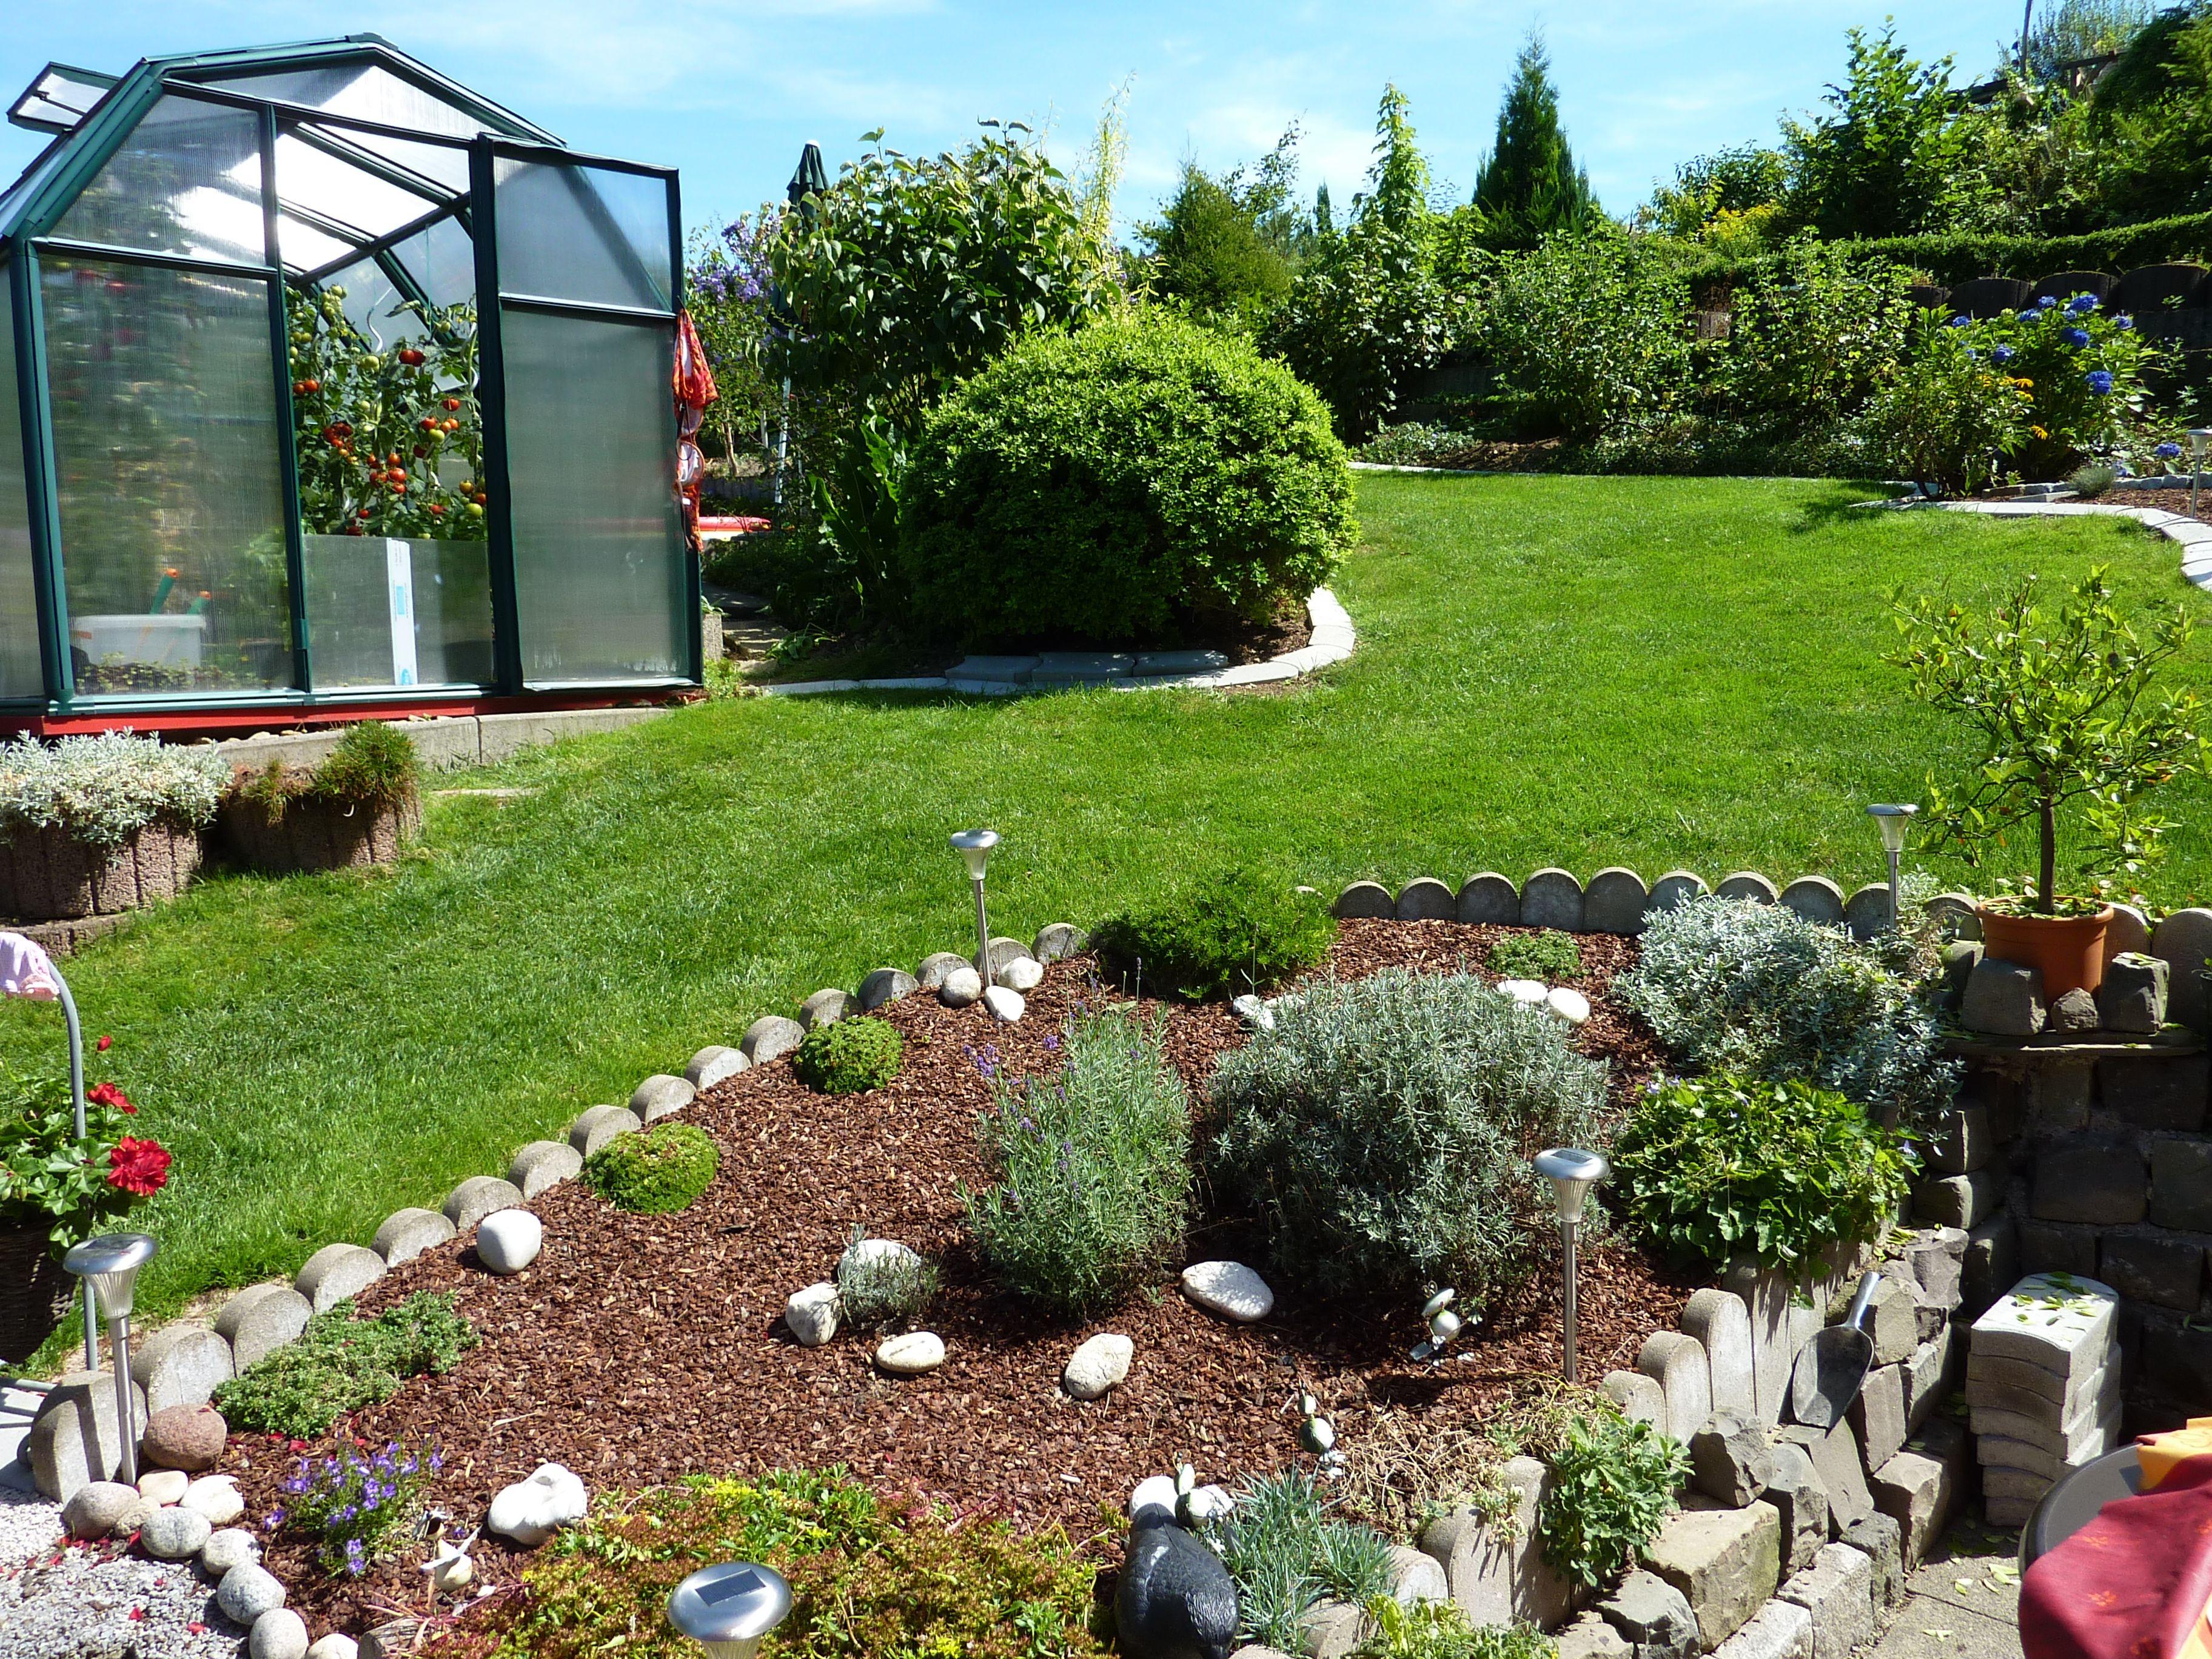 Sommer Entspannung Im Garten Garten Gartenblog Entspannung